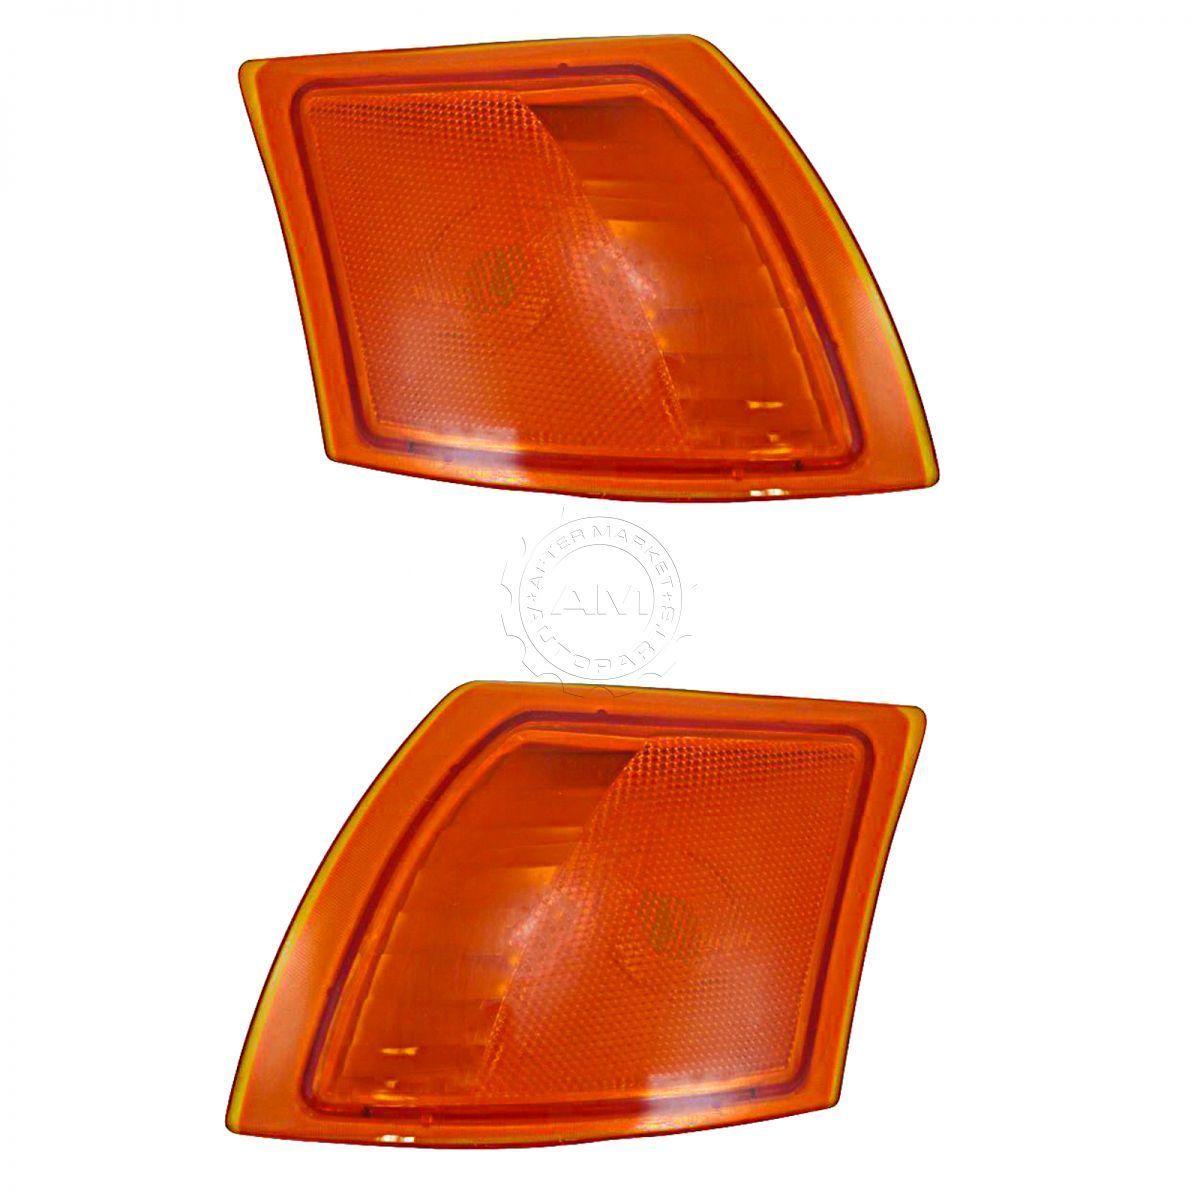 コーナーライト Side Corner Marker Parking Turn Signal Light Front Pair Set for 02-07 Saturn Vue サイドコーナーマーカーパーキングターンシグナルライトフロントペア02-07サターンヴュー